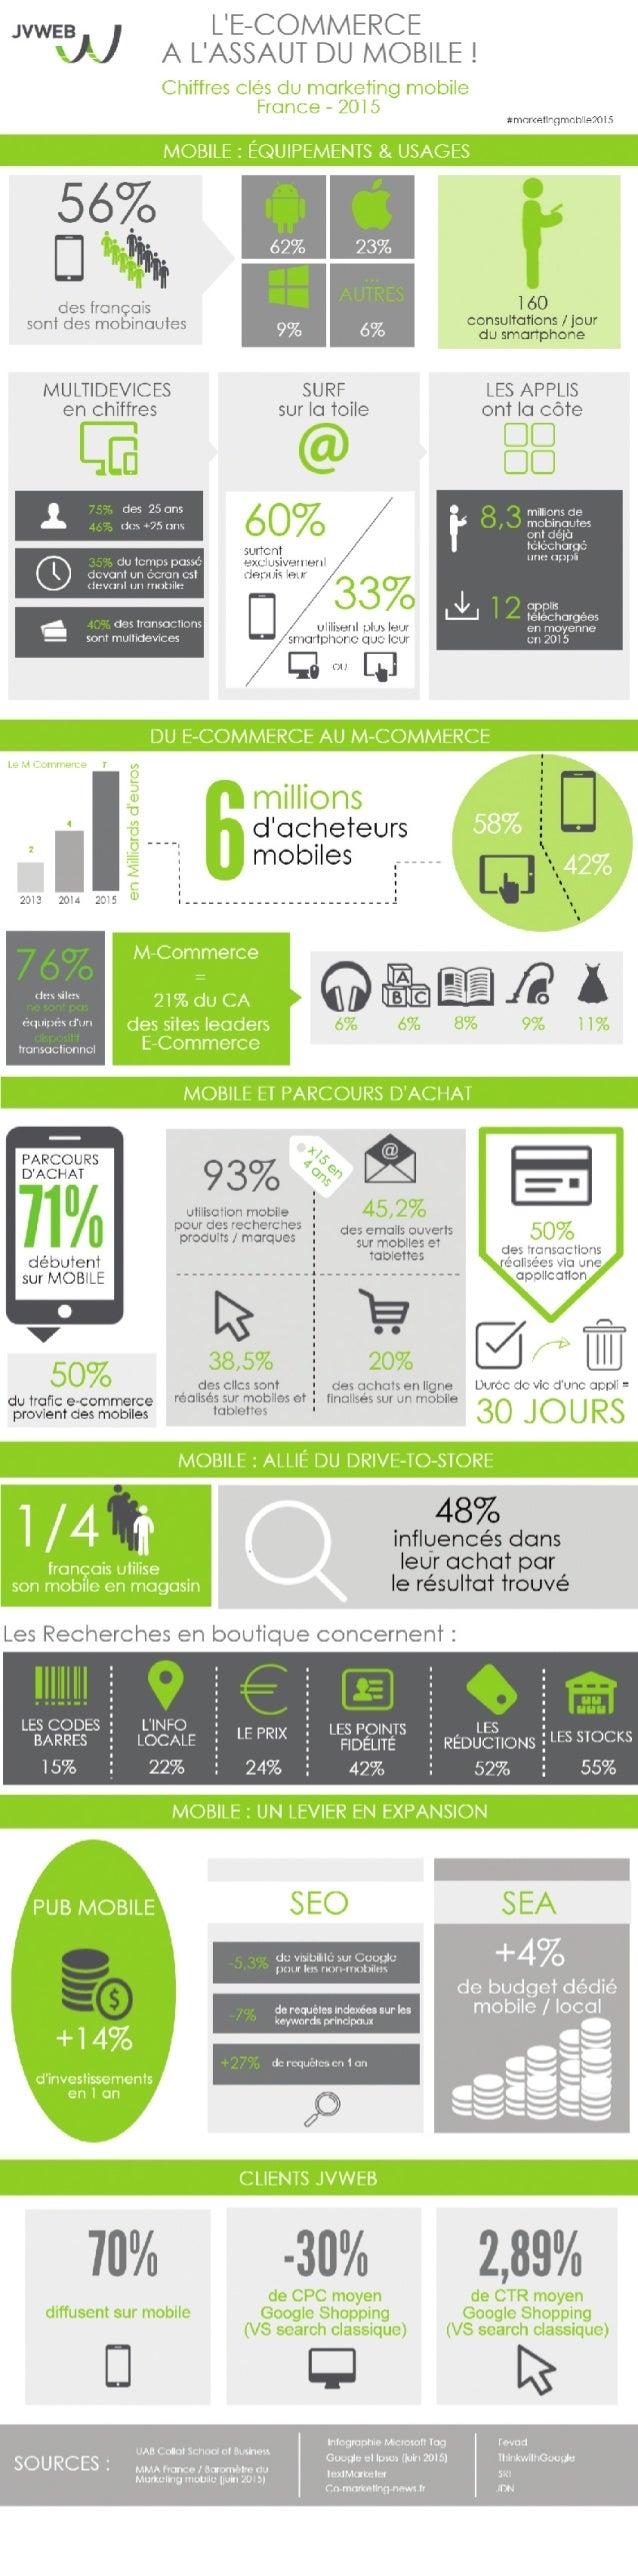 Infographie: l'e-commerce à l'assaut du mobile